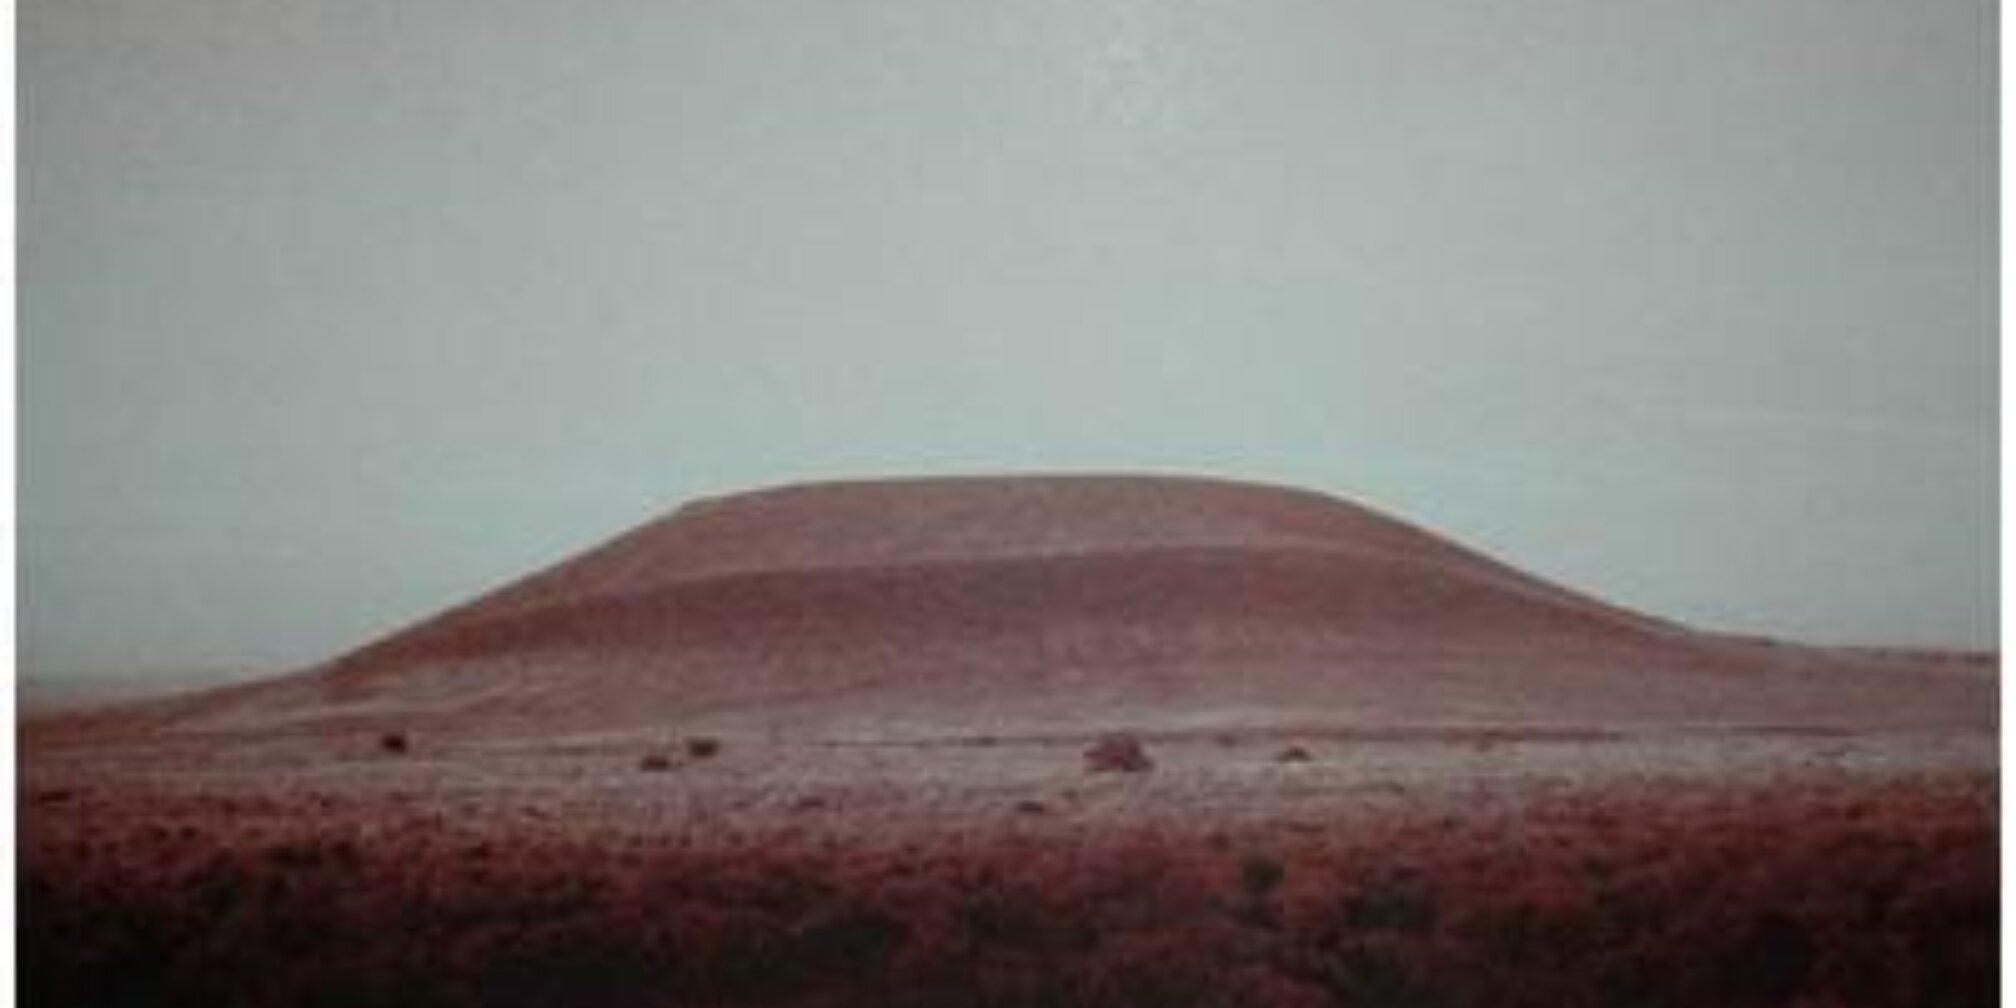 Erin Shirreff, Roden Crater, 2009